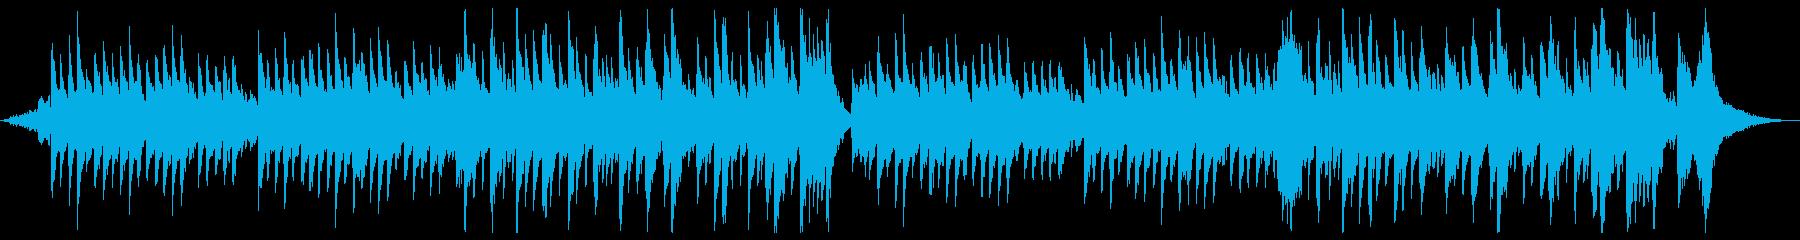 クラシック交響曲 ポジティブ 明る...の再生済みの波形